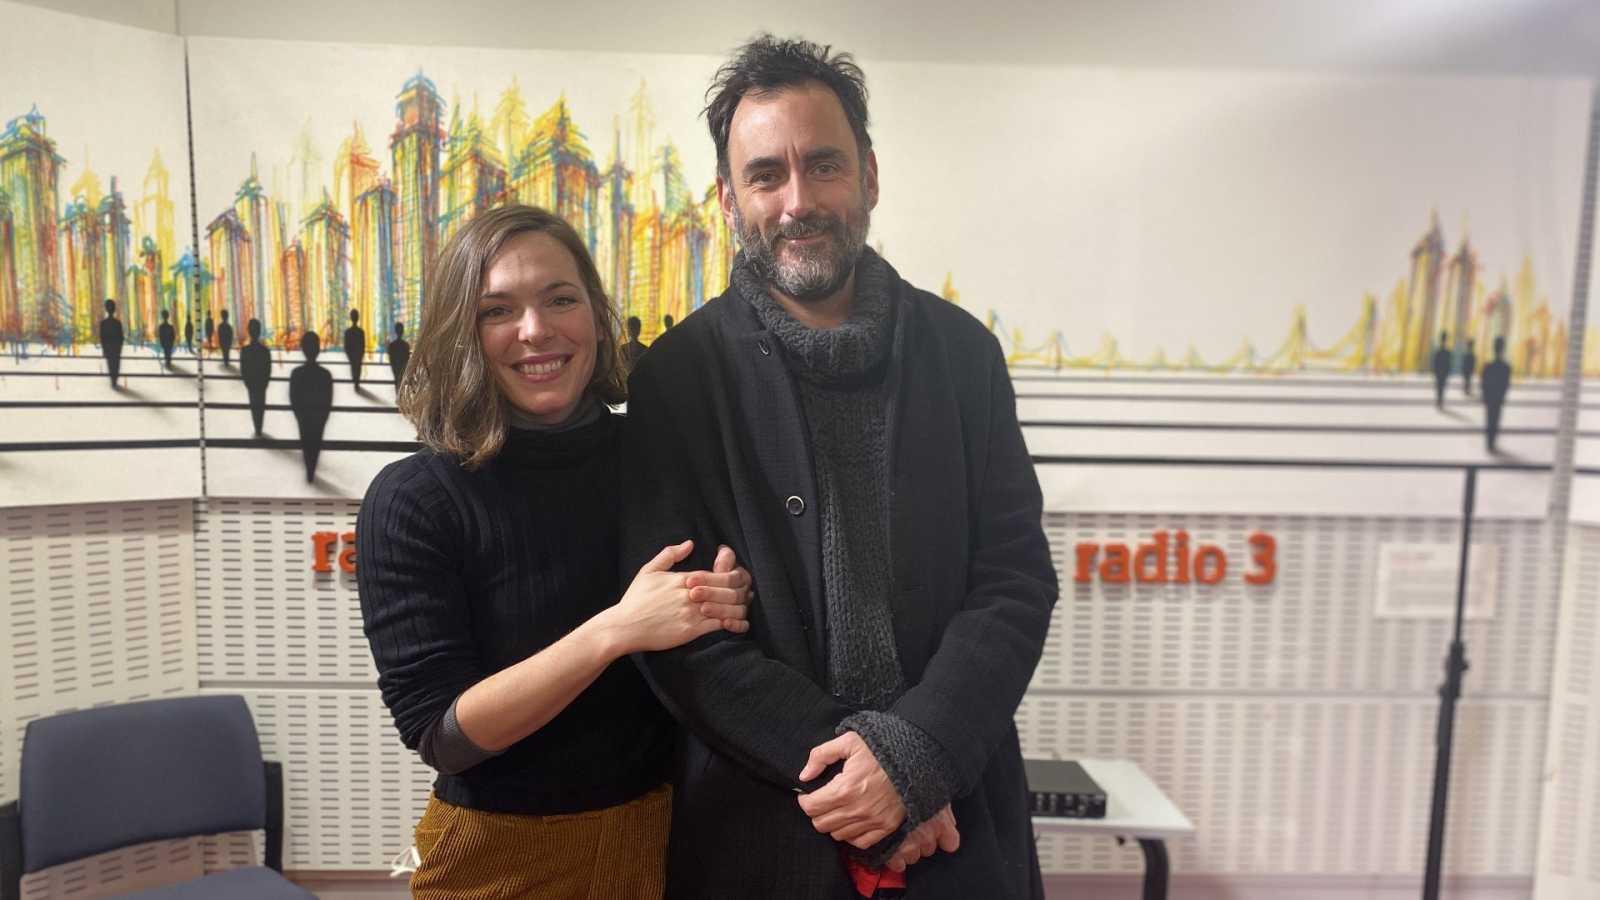 Hoy empieza todo con Marta Echeverría - Las canciones, Nada ocurrió salvo algunas cosas y moderneo - 28/12/20 - escuchar ahora